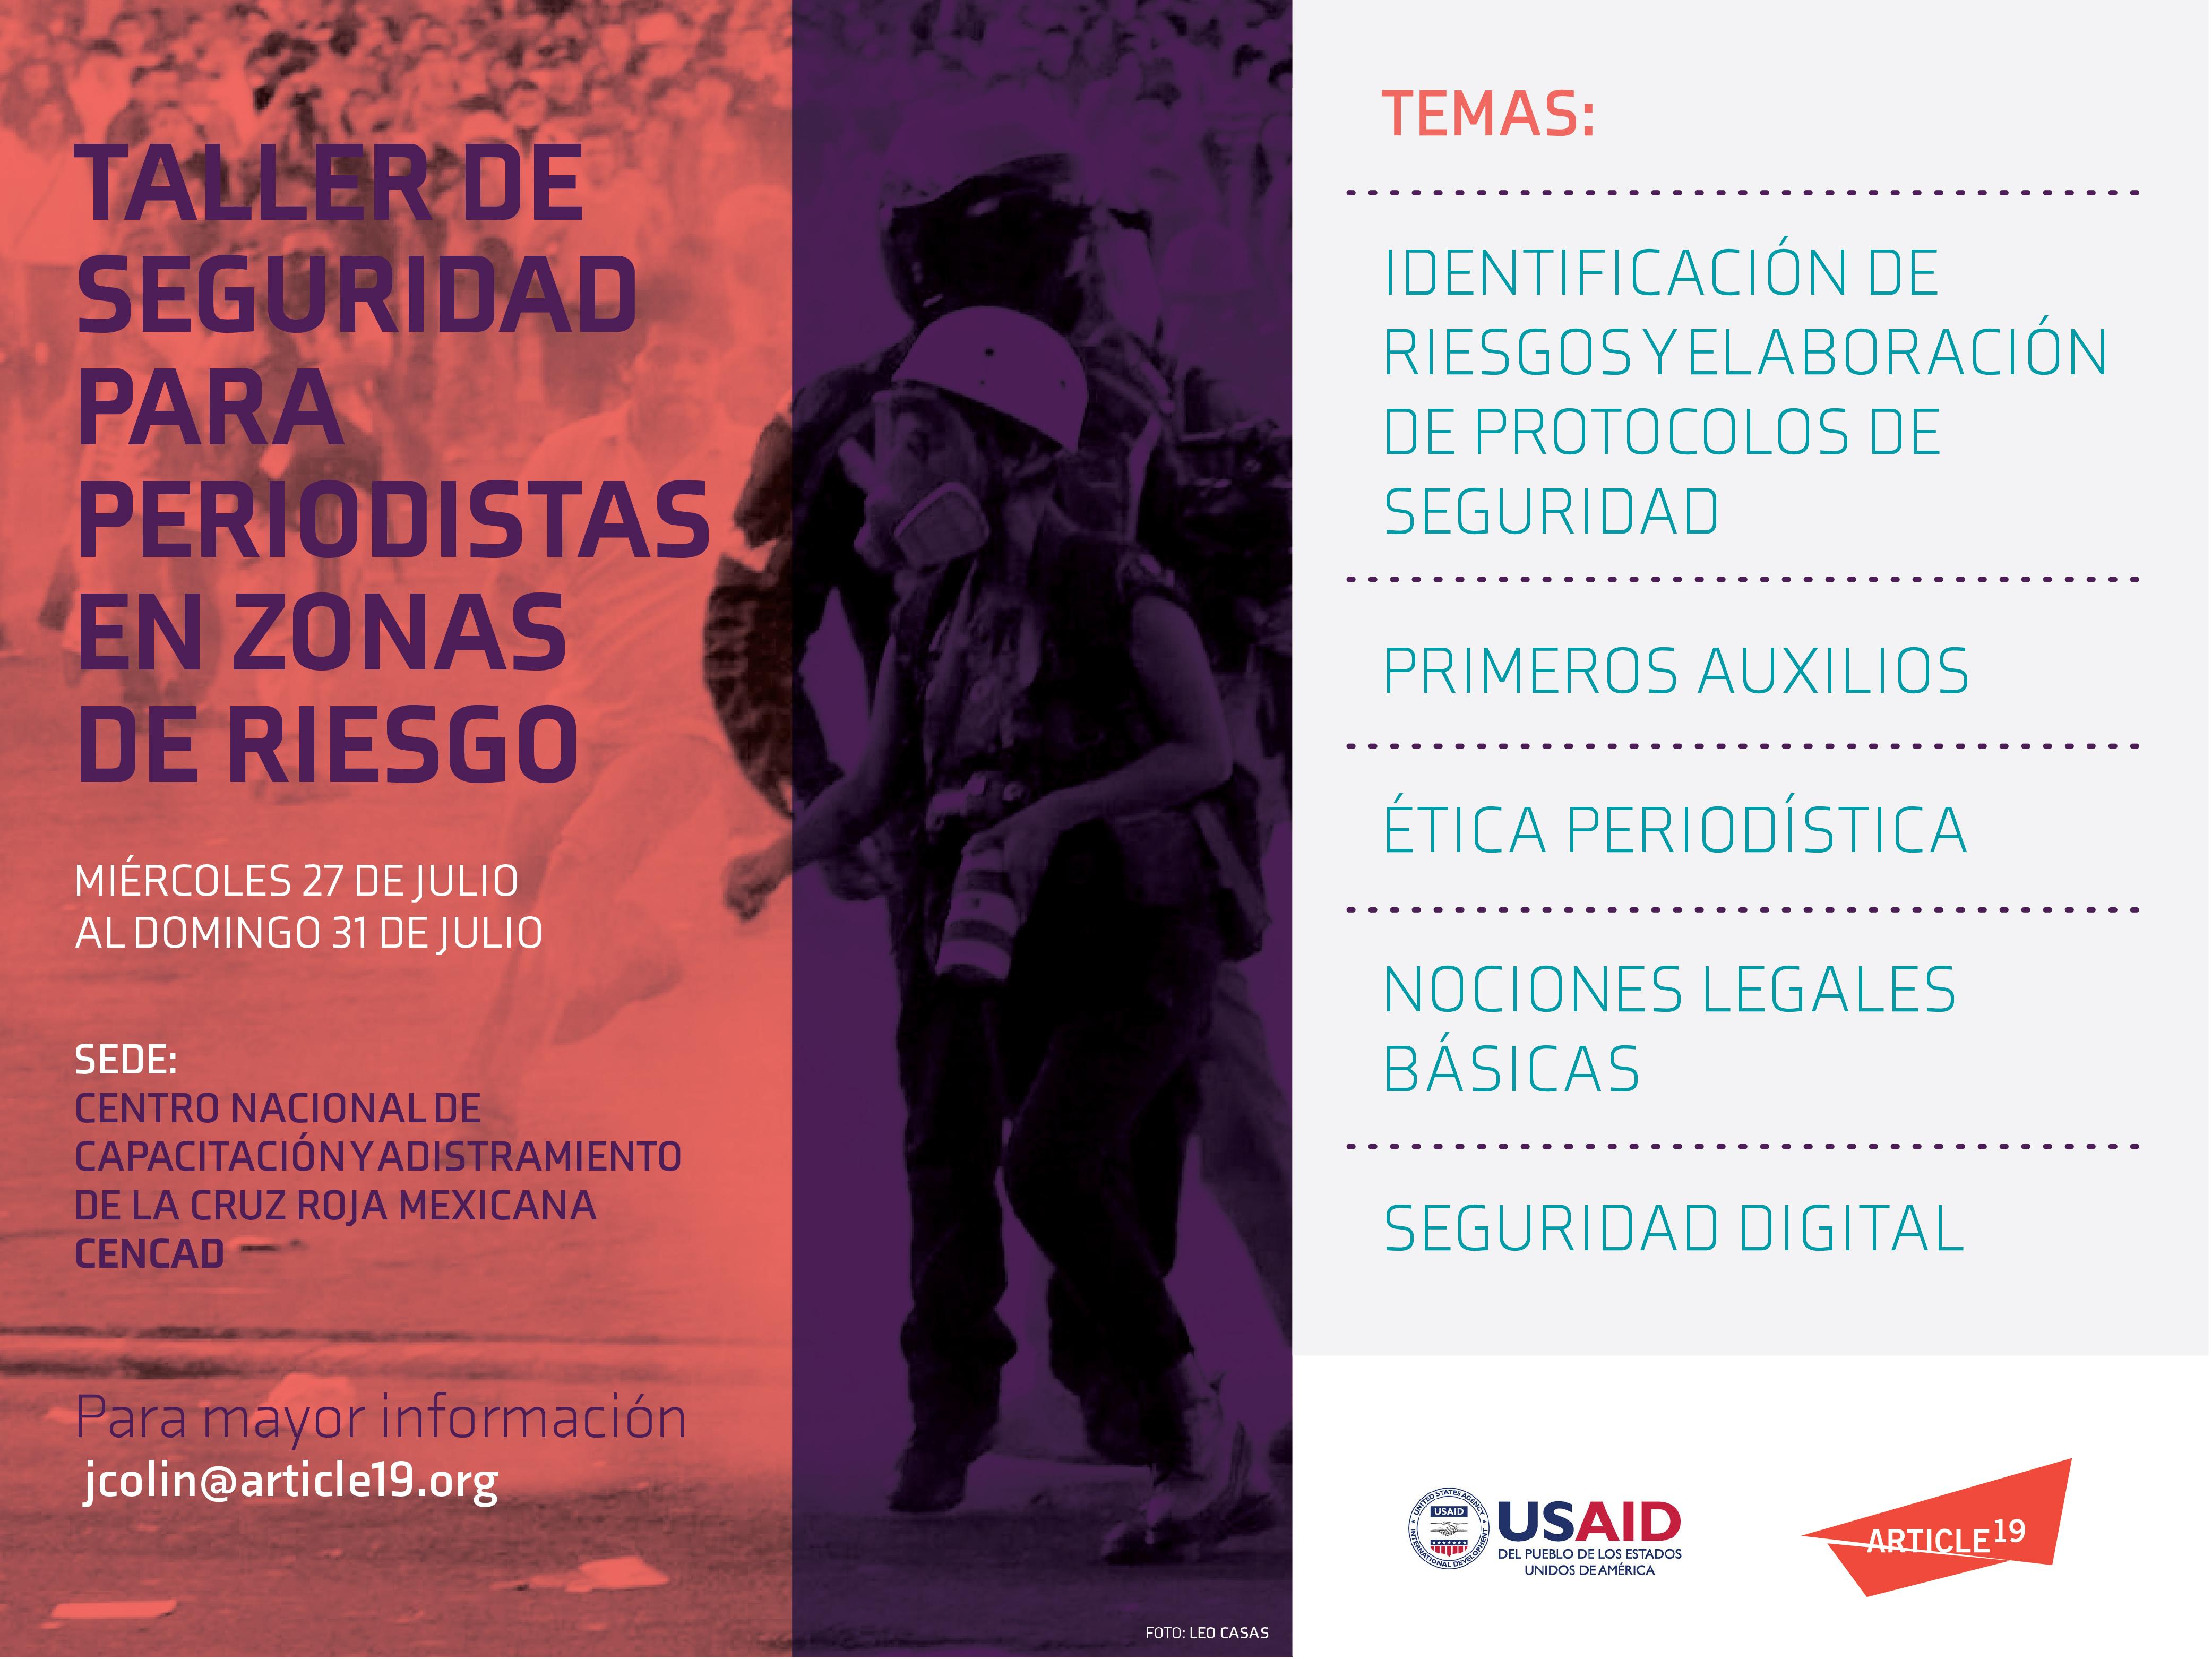 art19_invitación_Taller de seguridad CDMX-04